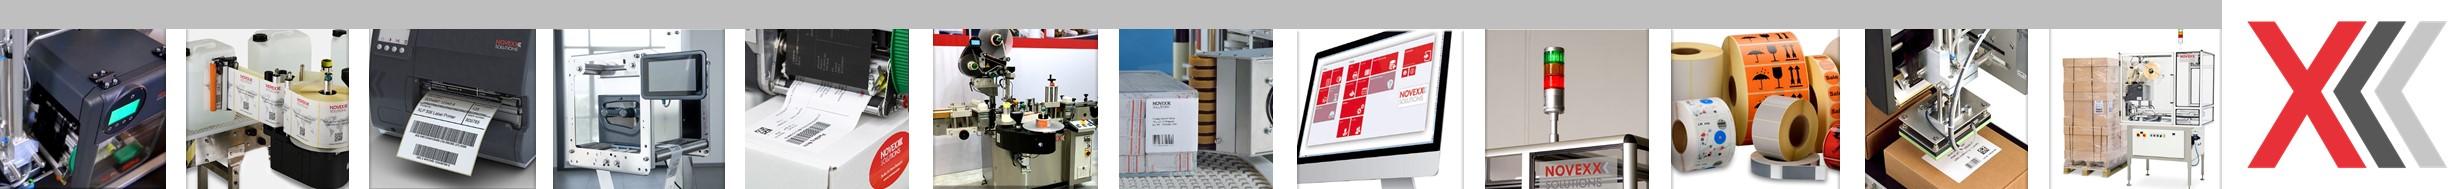 Novexx Solutions Produkte und Leistungen